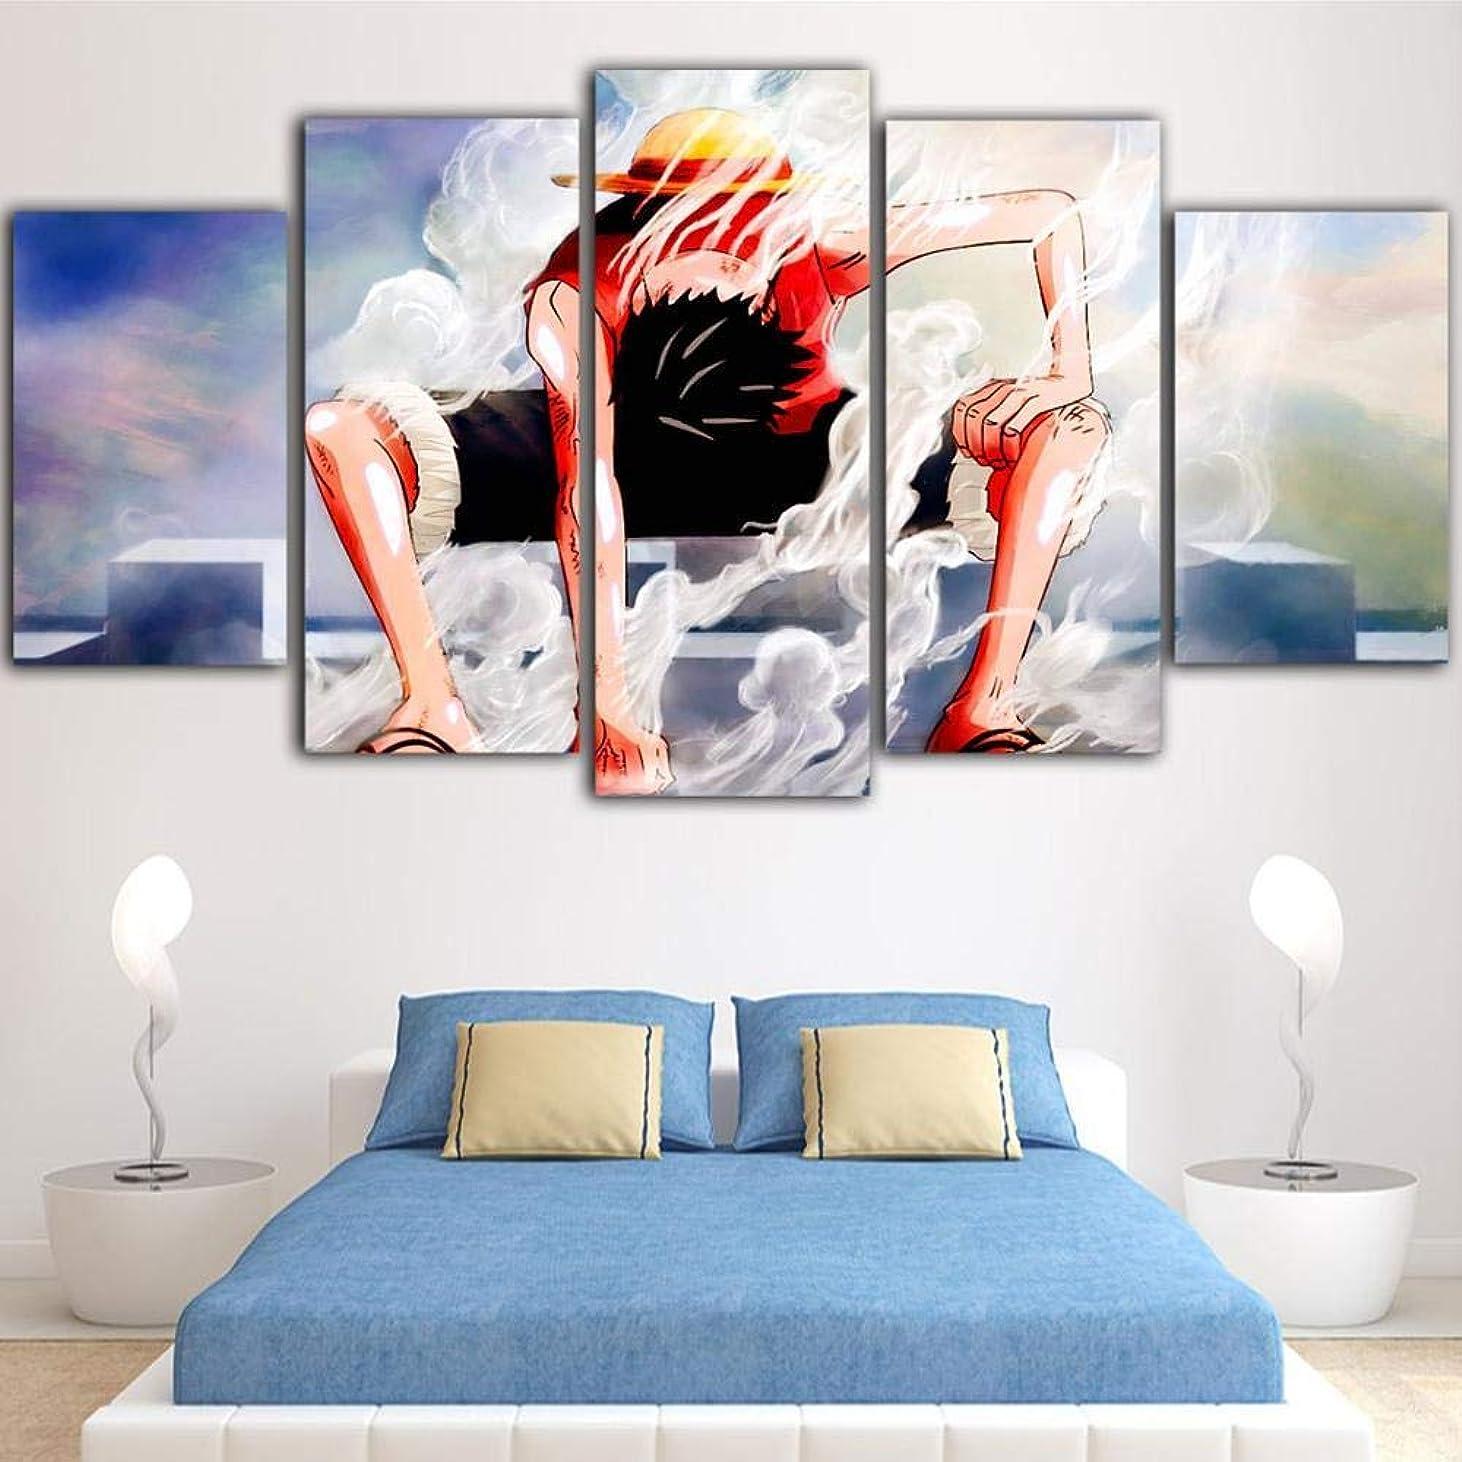 キネマティクス観光人気のSsckll 5ピースキャンバス絵画ワンピースポスターアニメ防水インクDecoracion家の装飾-フレームレス